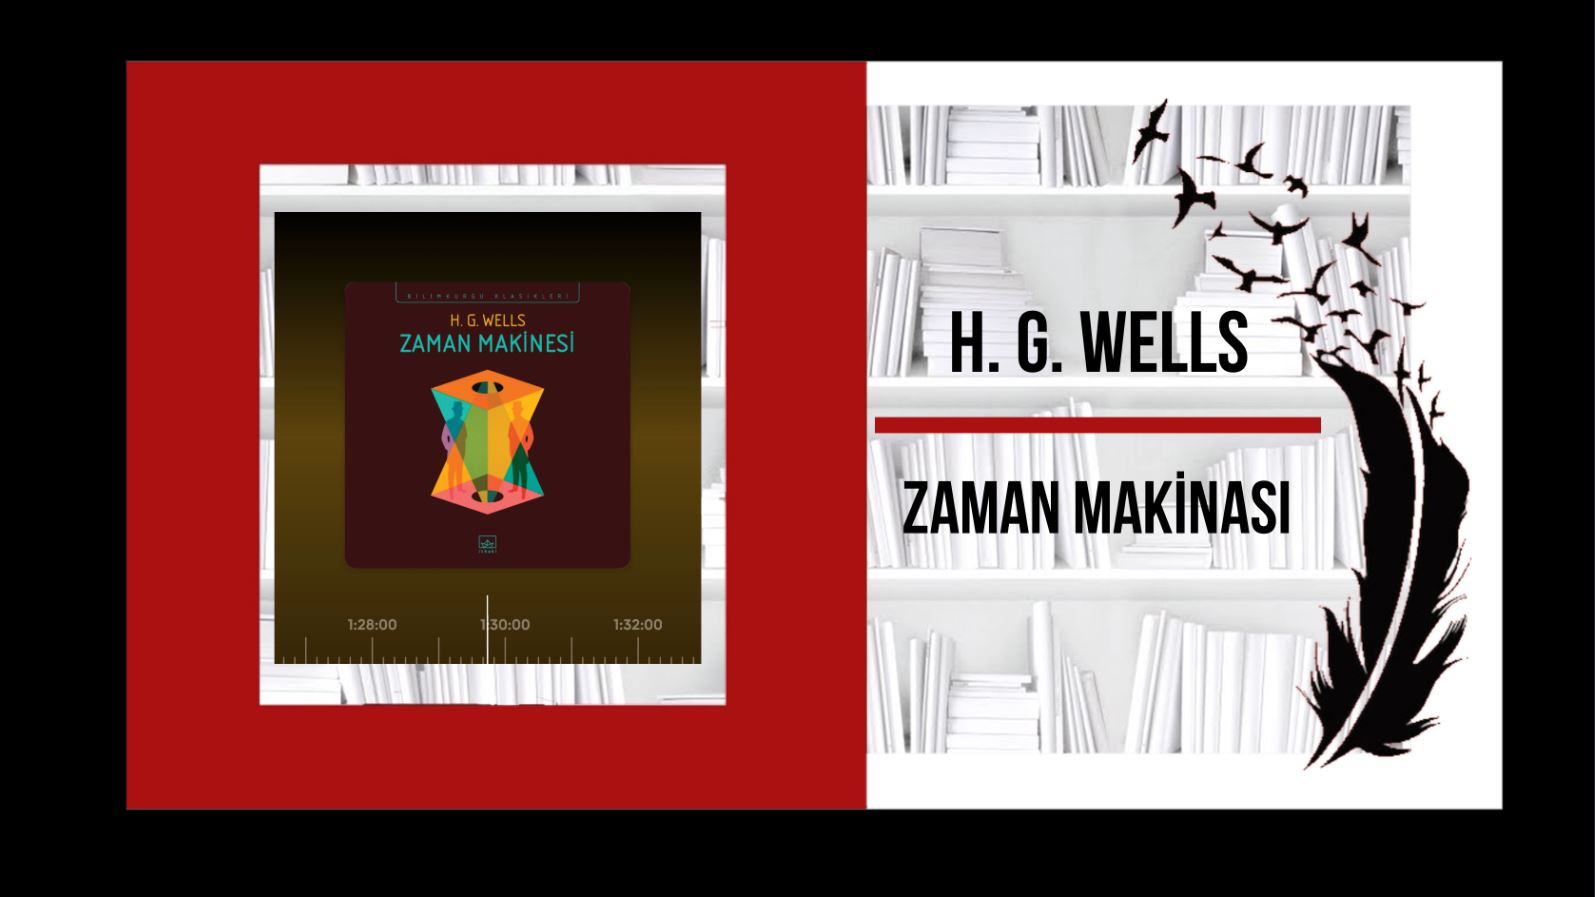 ZAMAN Atatürk ve H.G. Wells